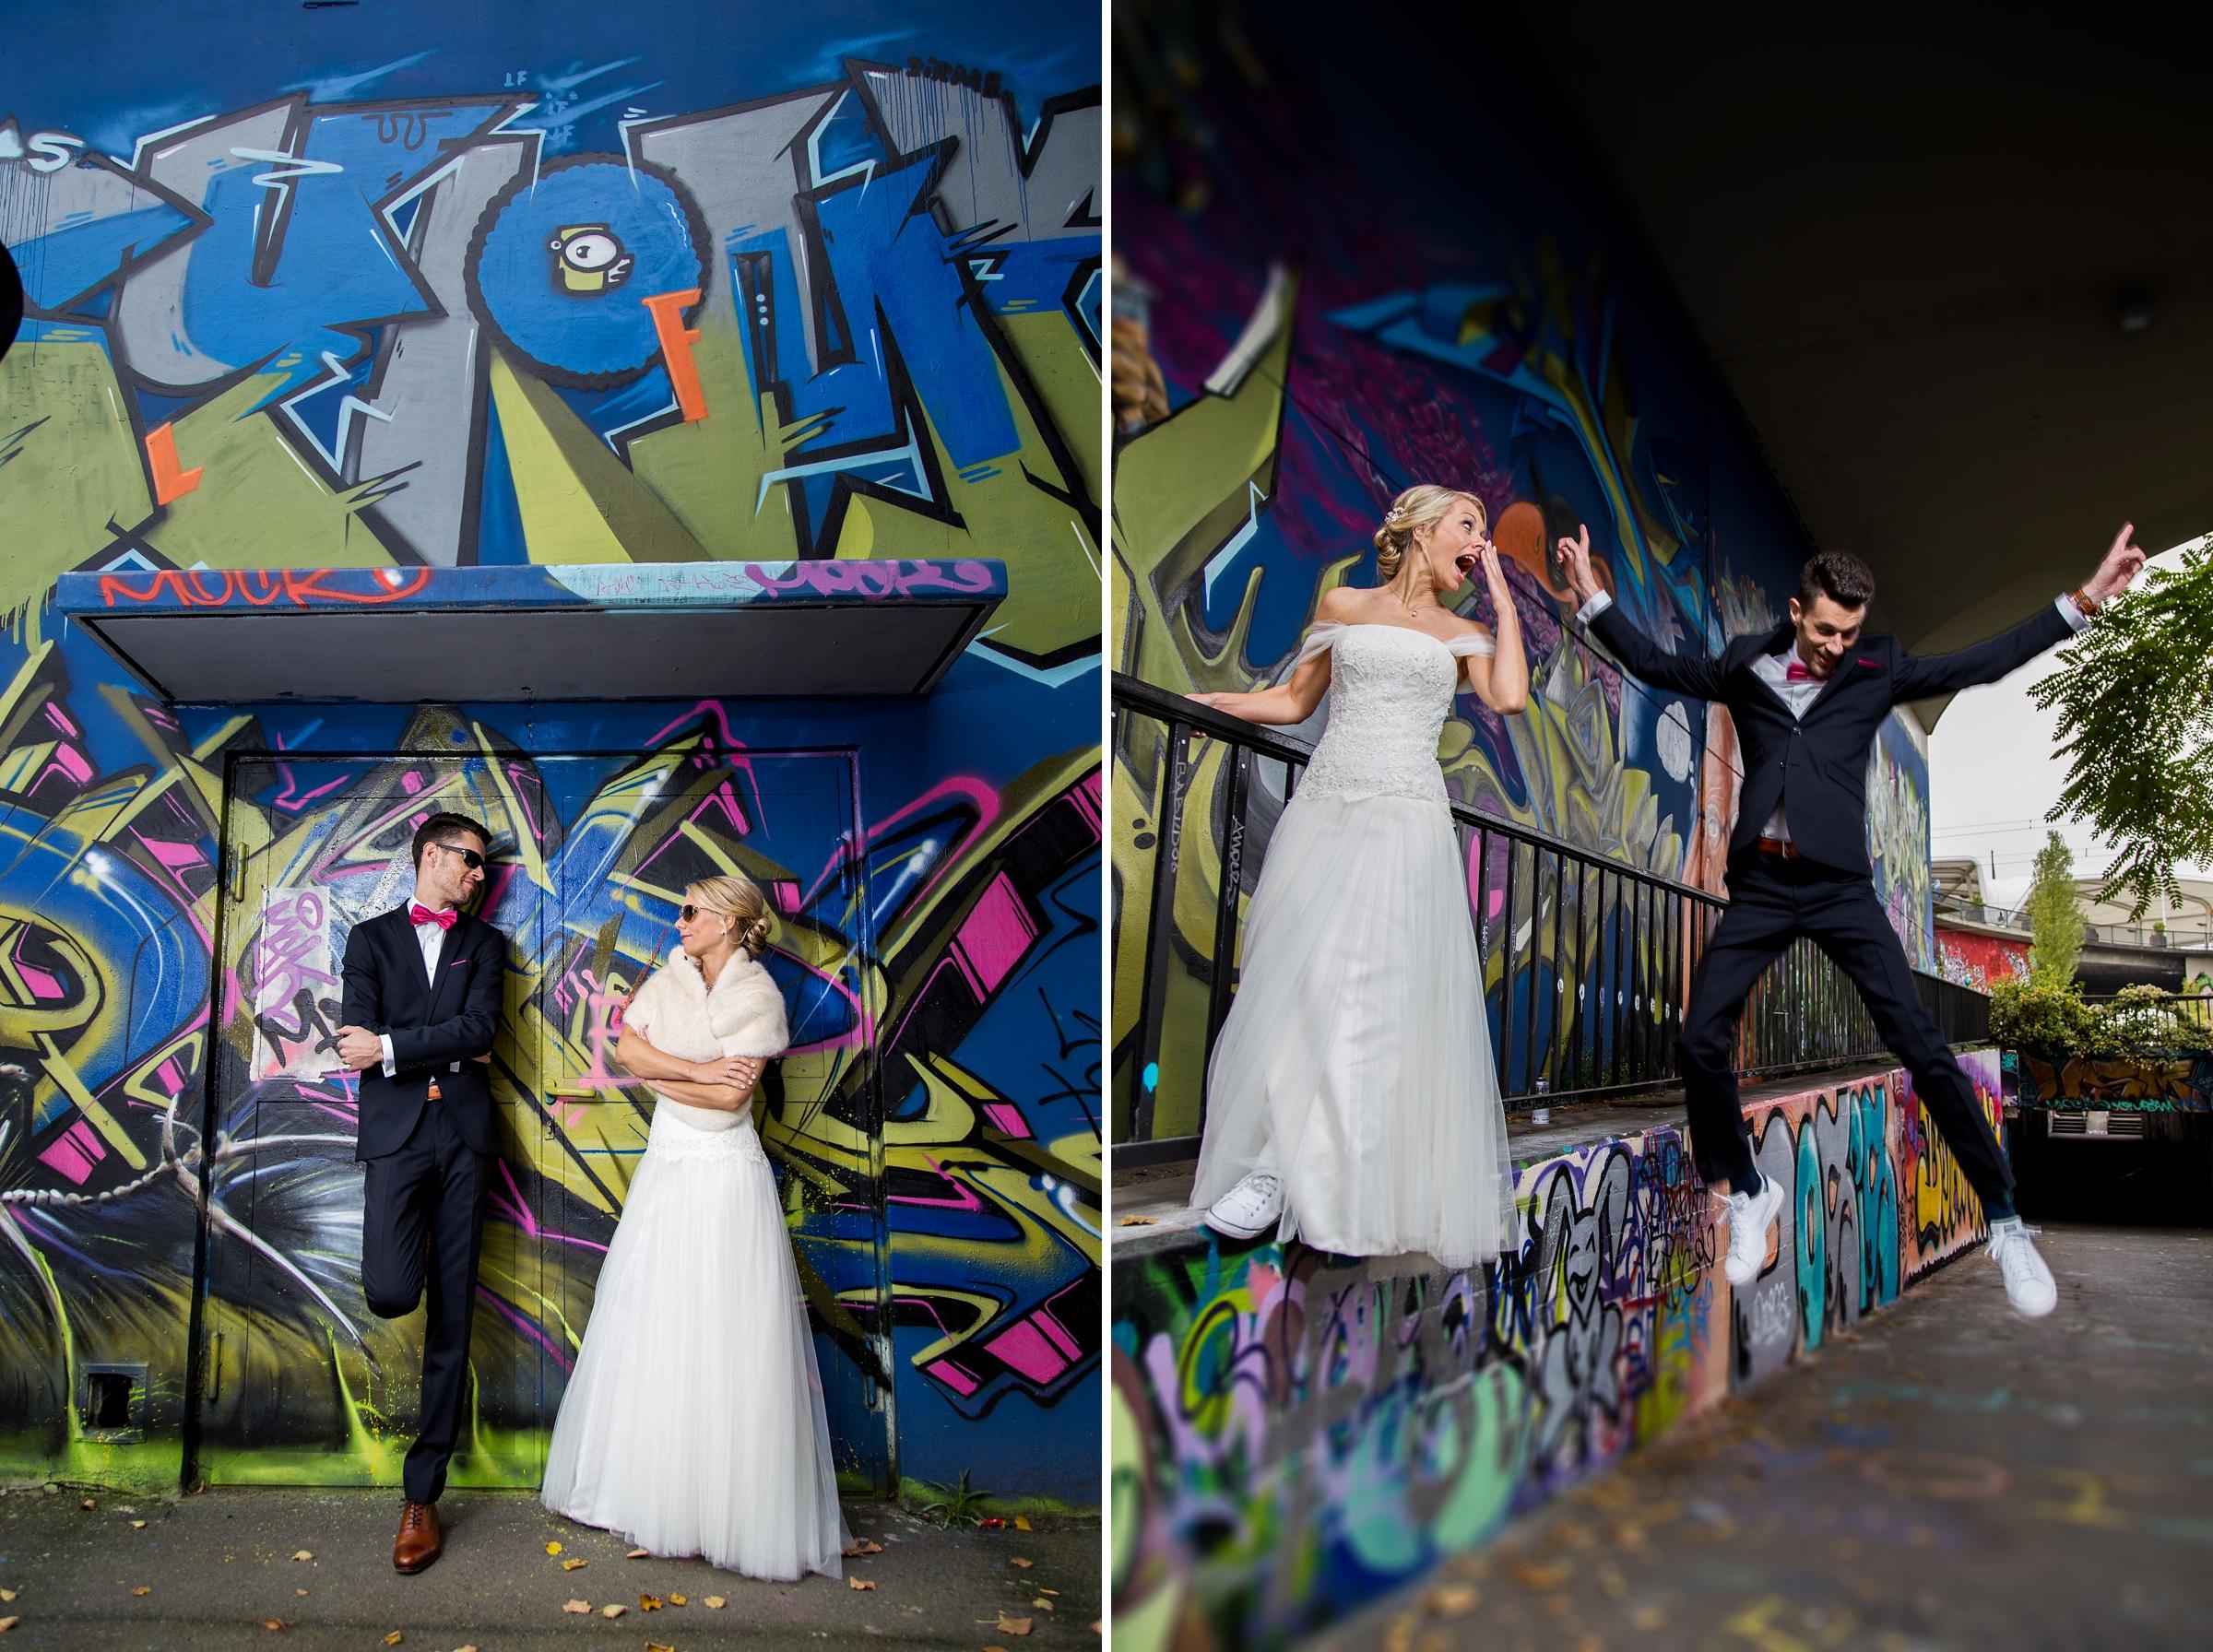 Hochzeitsreportage-Mainz-Wiesbaden-Graffiti-ausgefallenes-Brautpaar